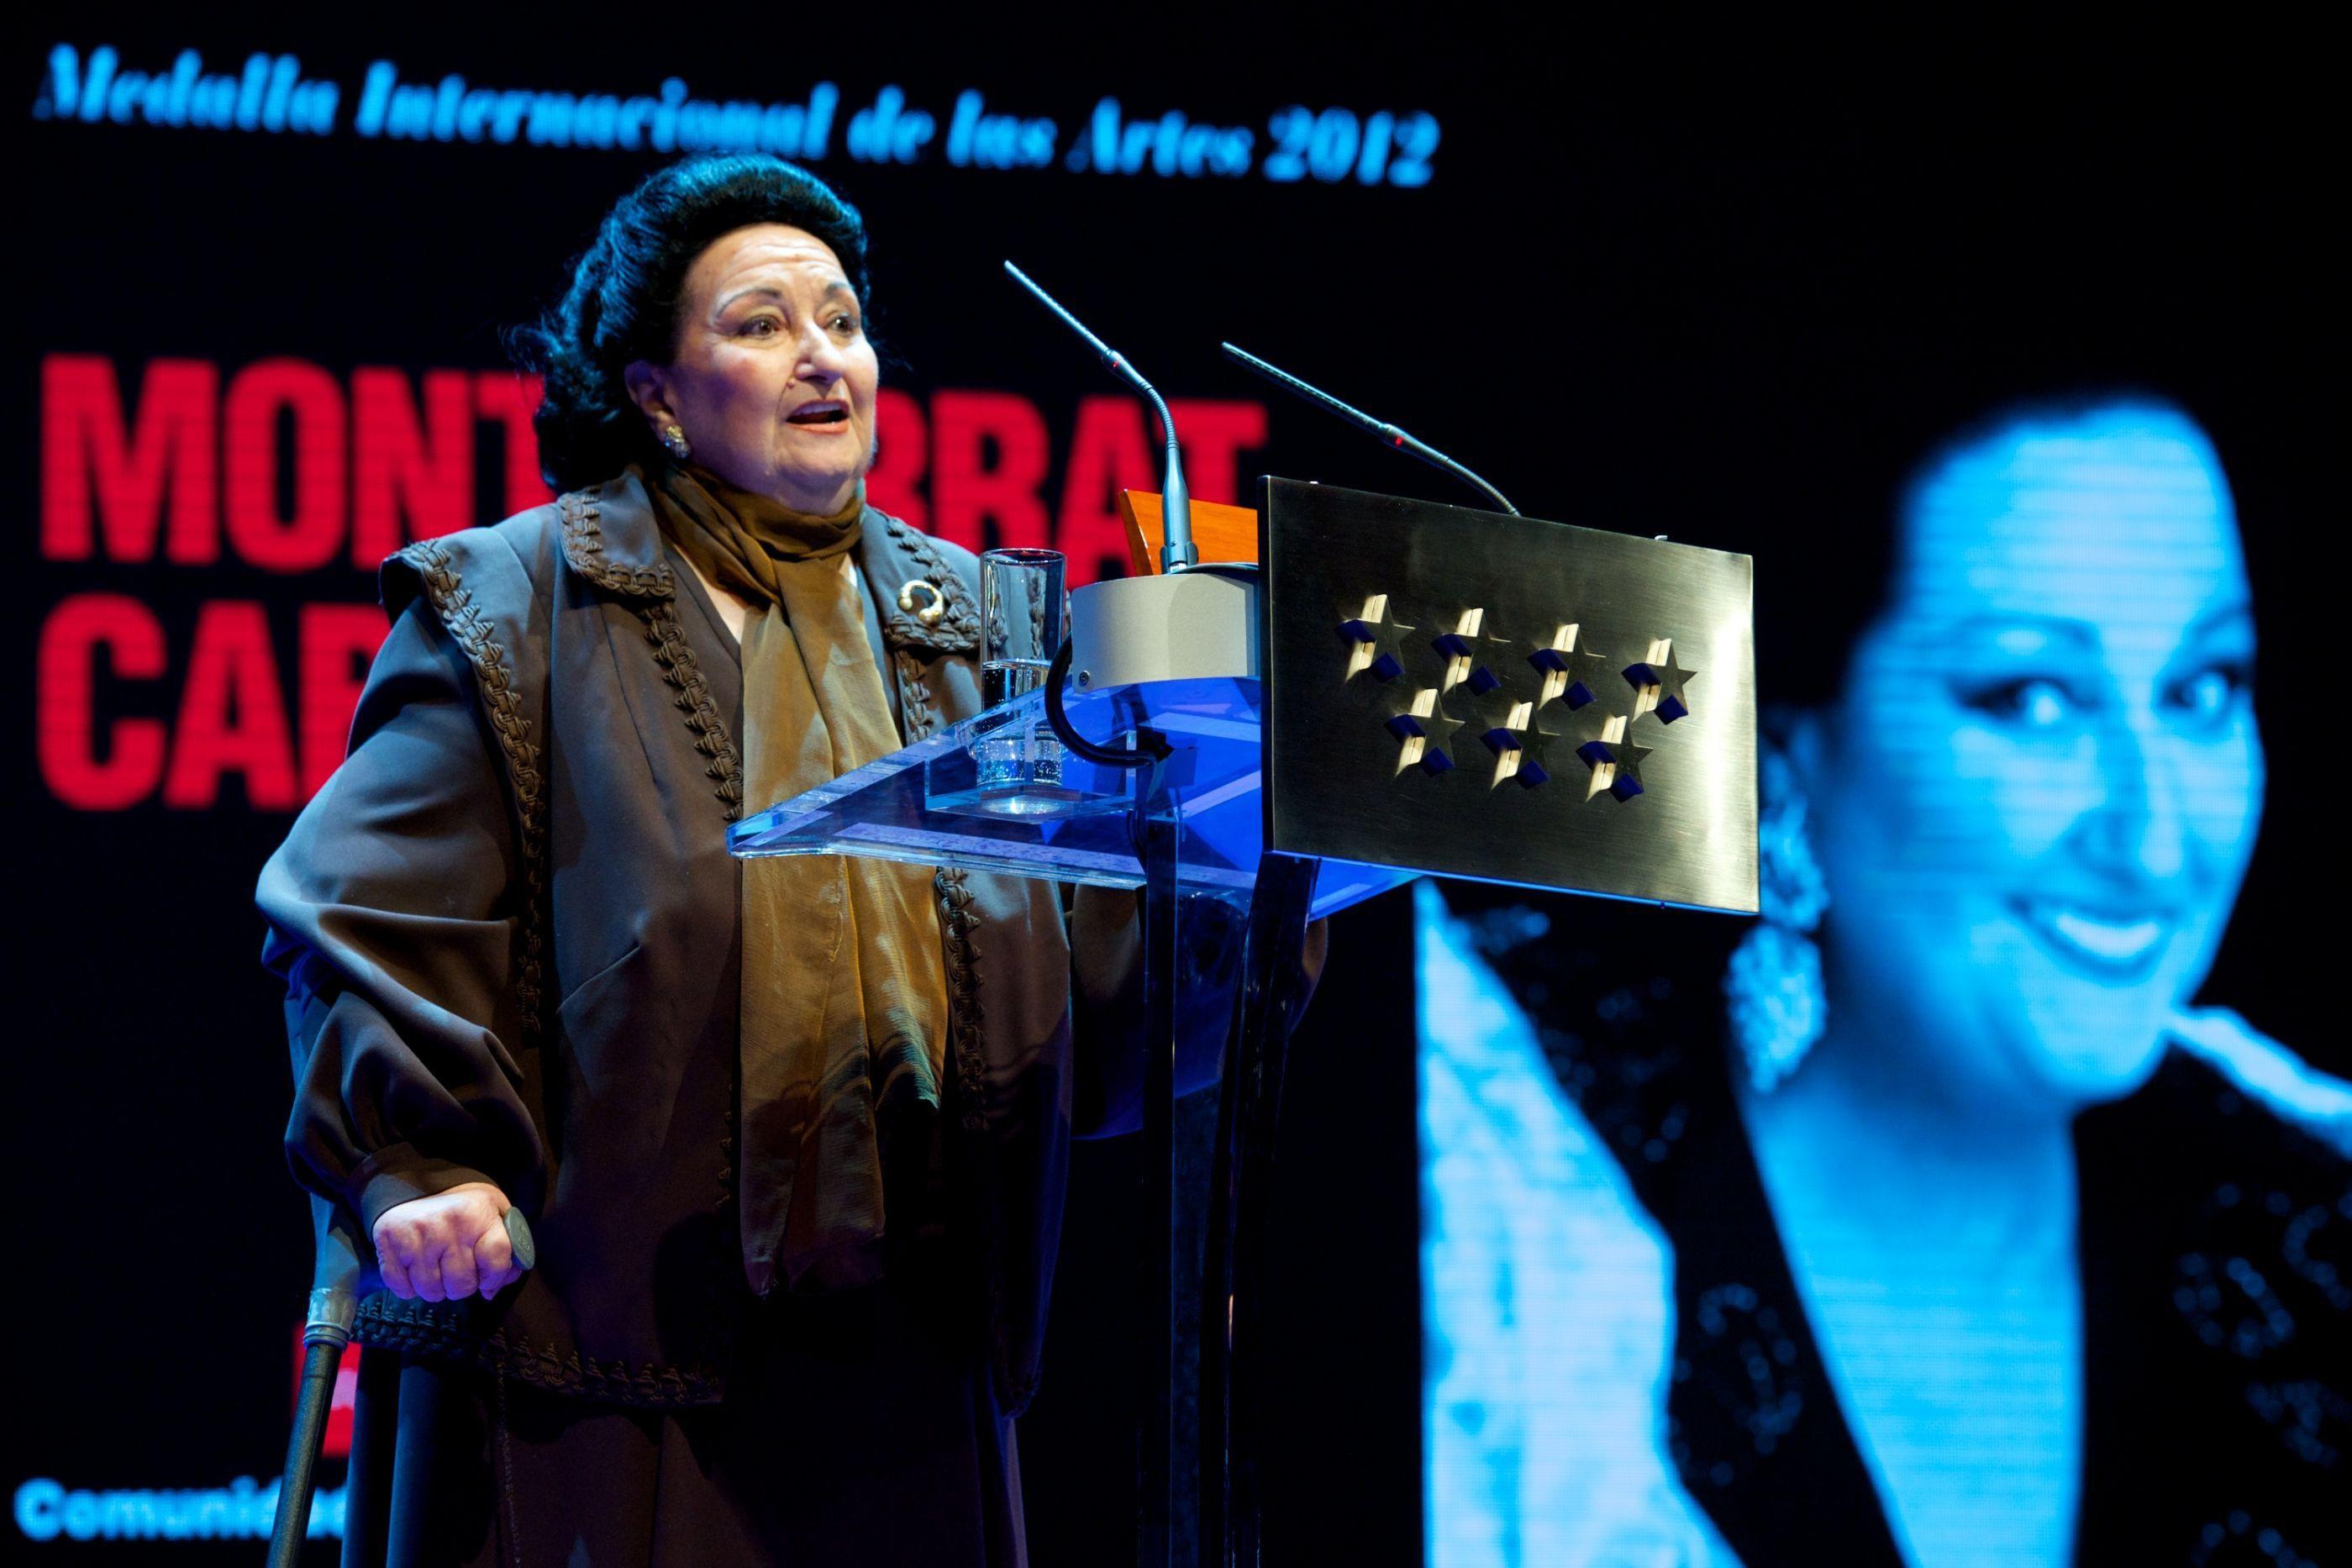 Morreu a cantora espanhola Montserrat Caballé